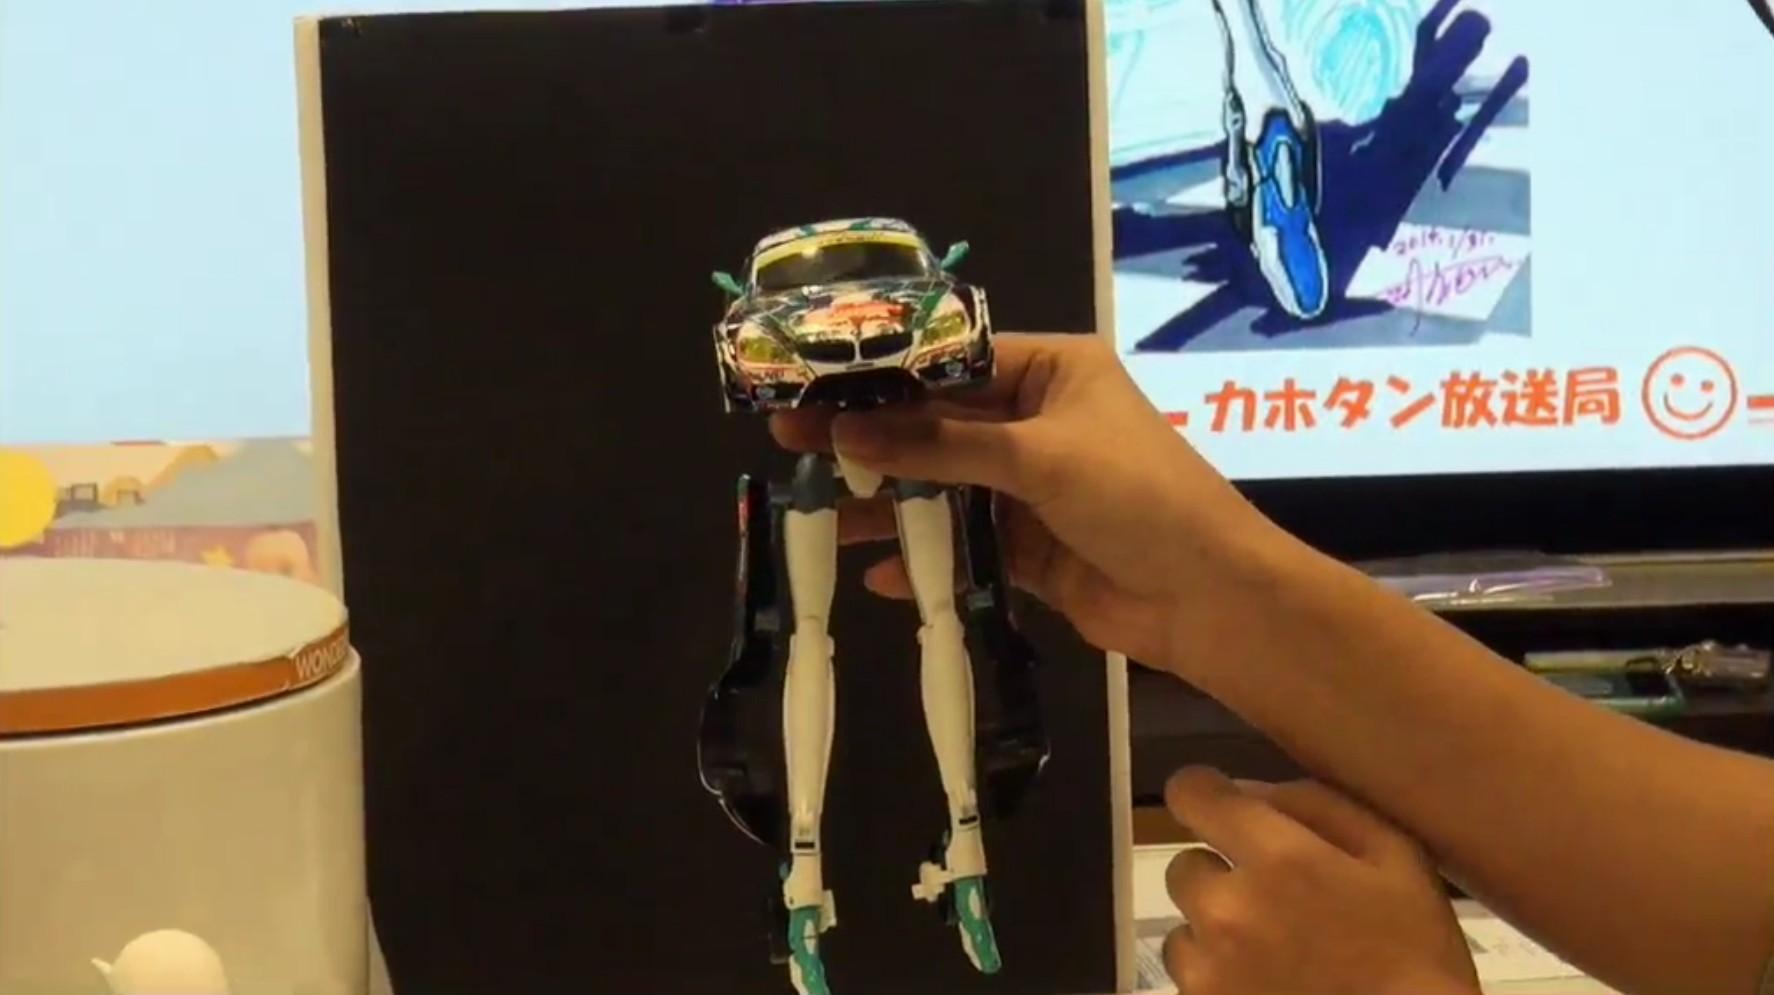 Gear Tribe 初音ミクGTプロジェクト2014Ver (12)